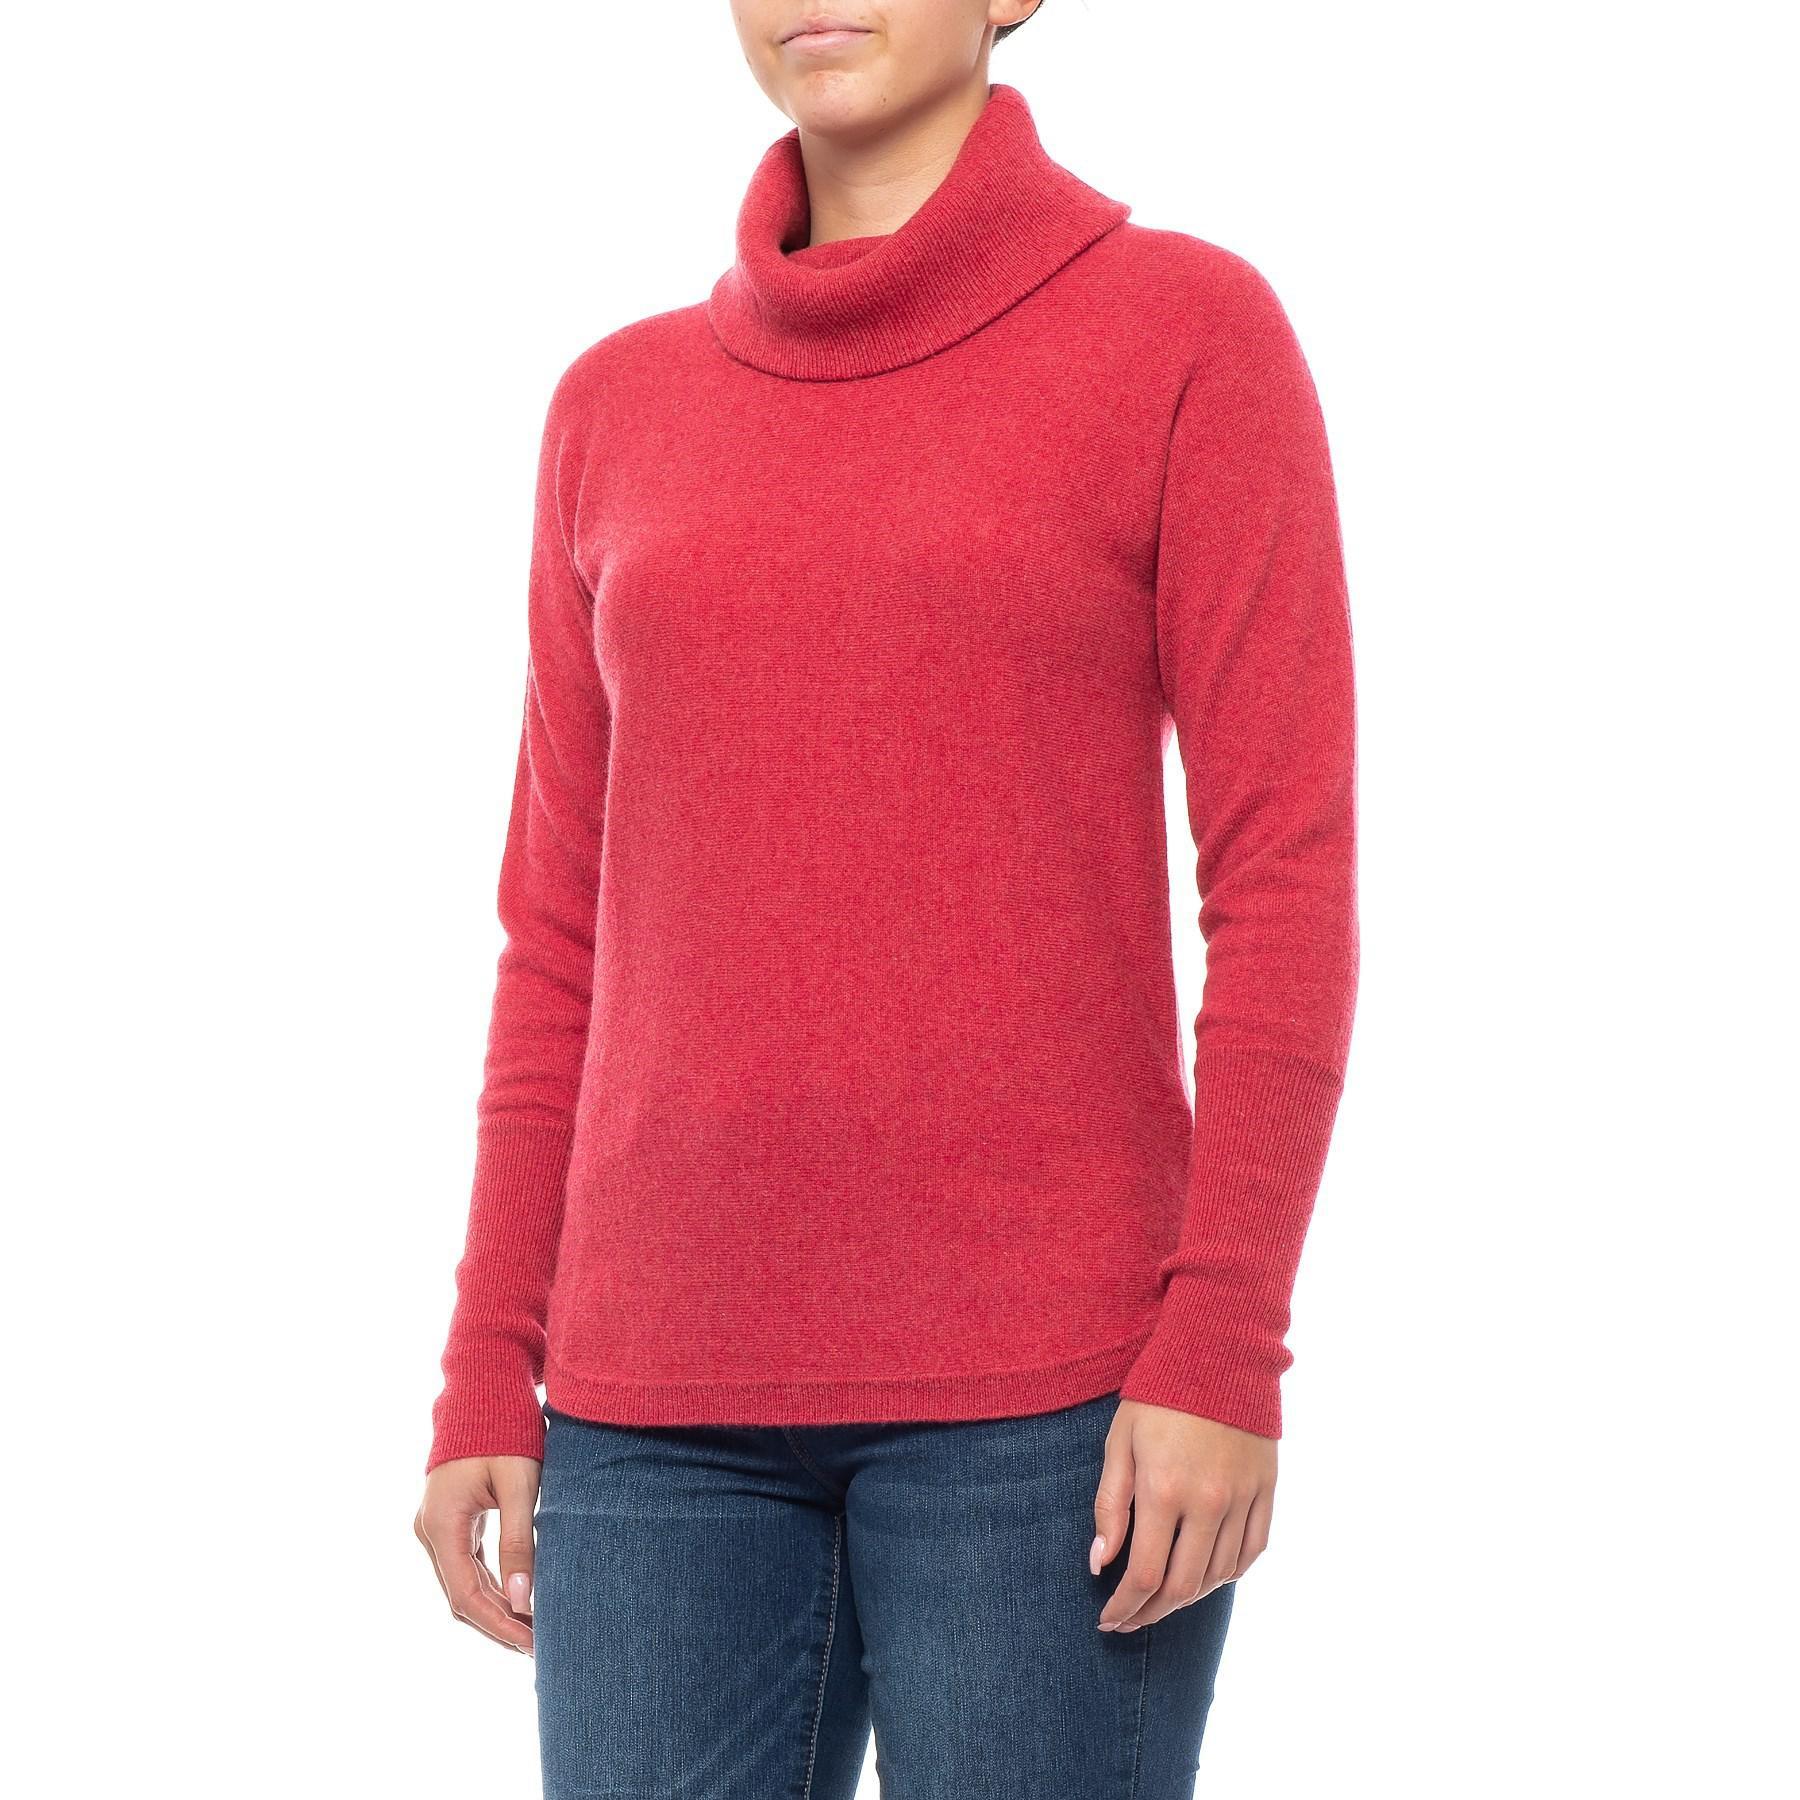 letzte Auswahl begehrteste Mode zur Freigabe auswählen Women's Red Cashmere Double-loose Pullover Tunic